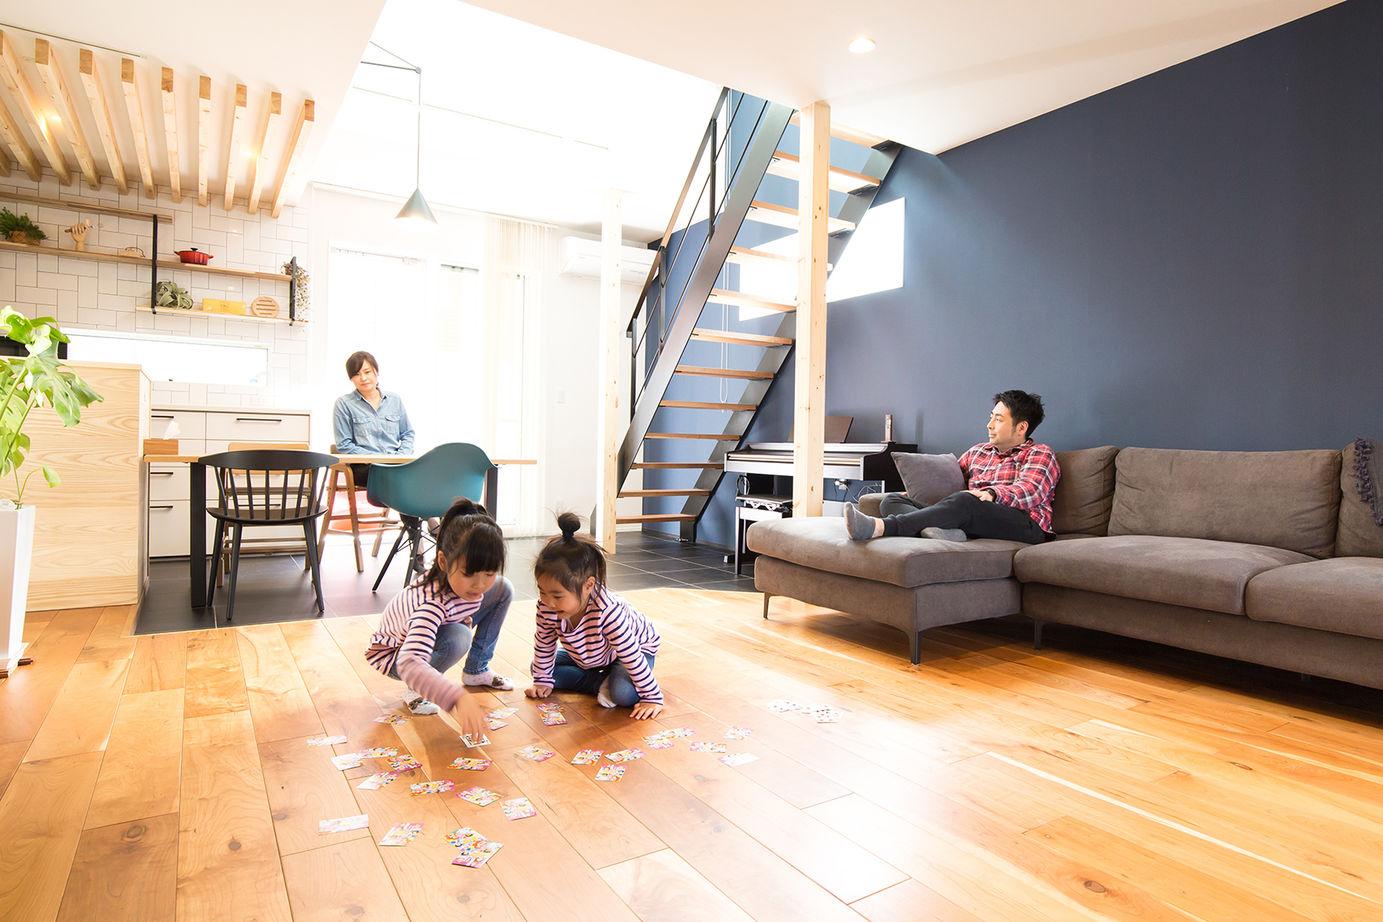 【間取り有/2270万円/家カフェデザイン/吹き抜け/無垢床】難しい敷地条件を克服。シックでかっこいい家画像2